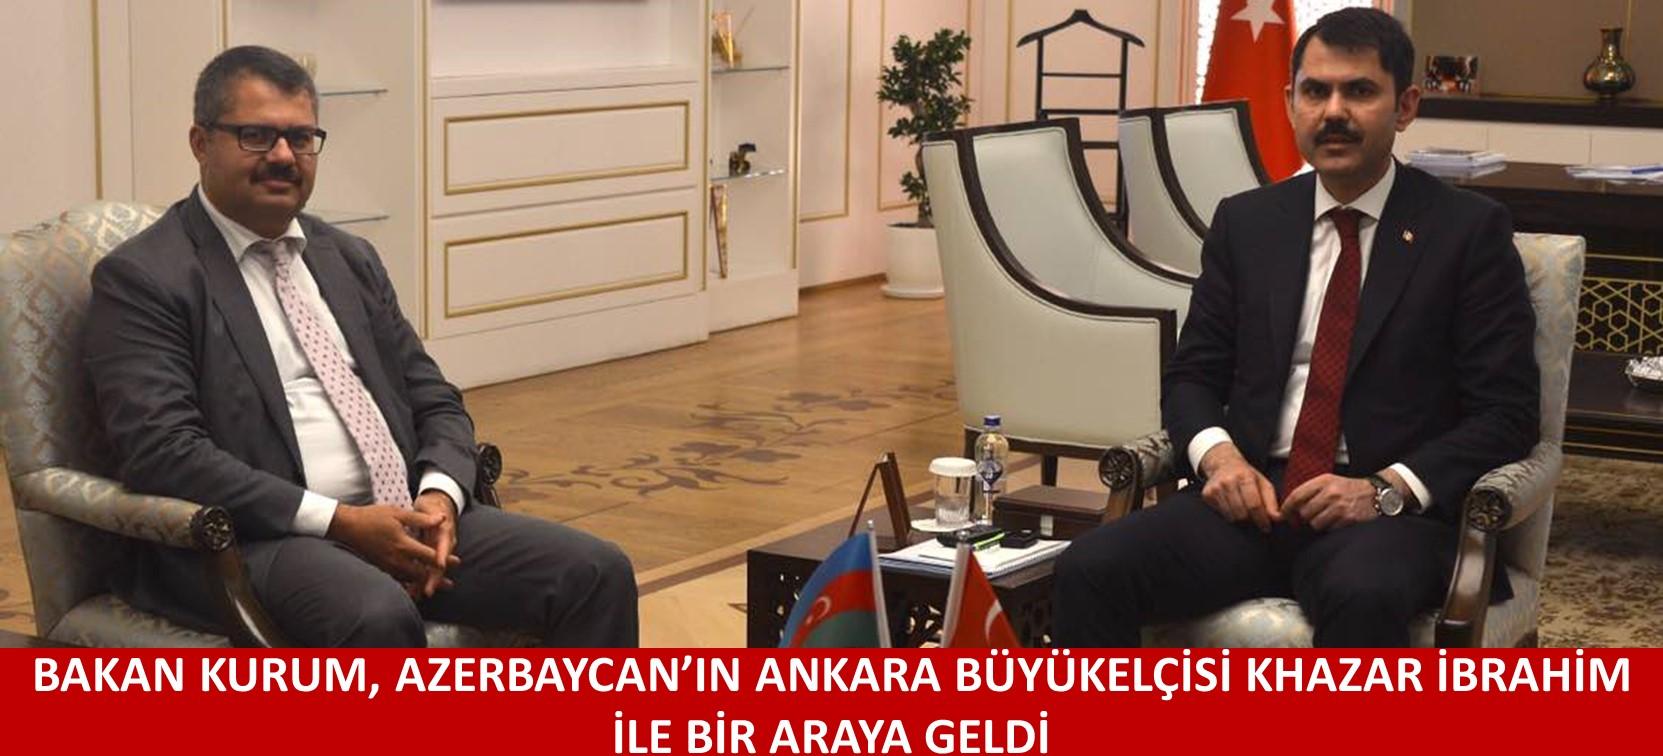 BAKAN KURUM, AZERBAYCAN ANKARA BÜYÜKELÇİSİ KHAZAR İBRAHİM İLE BİR ARAYA GELDİ